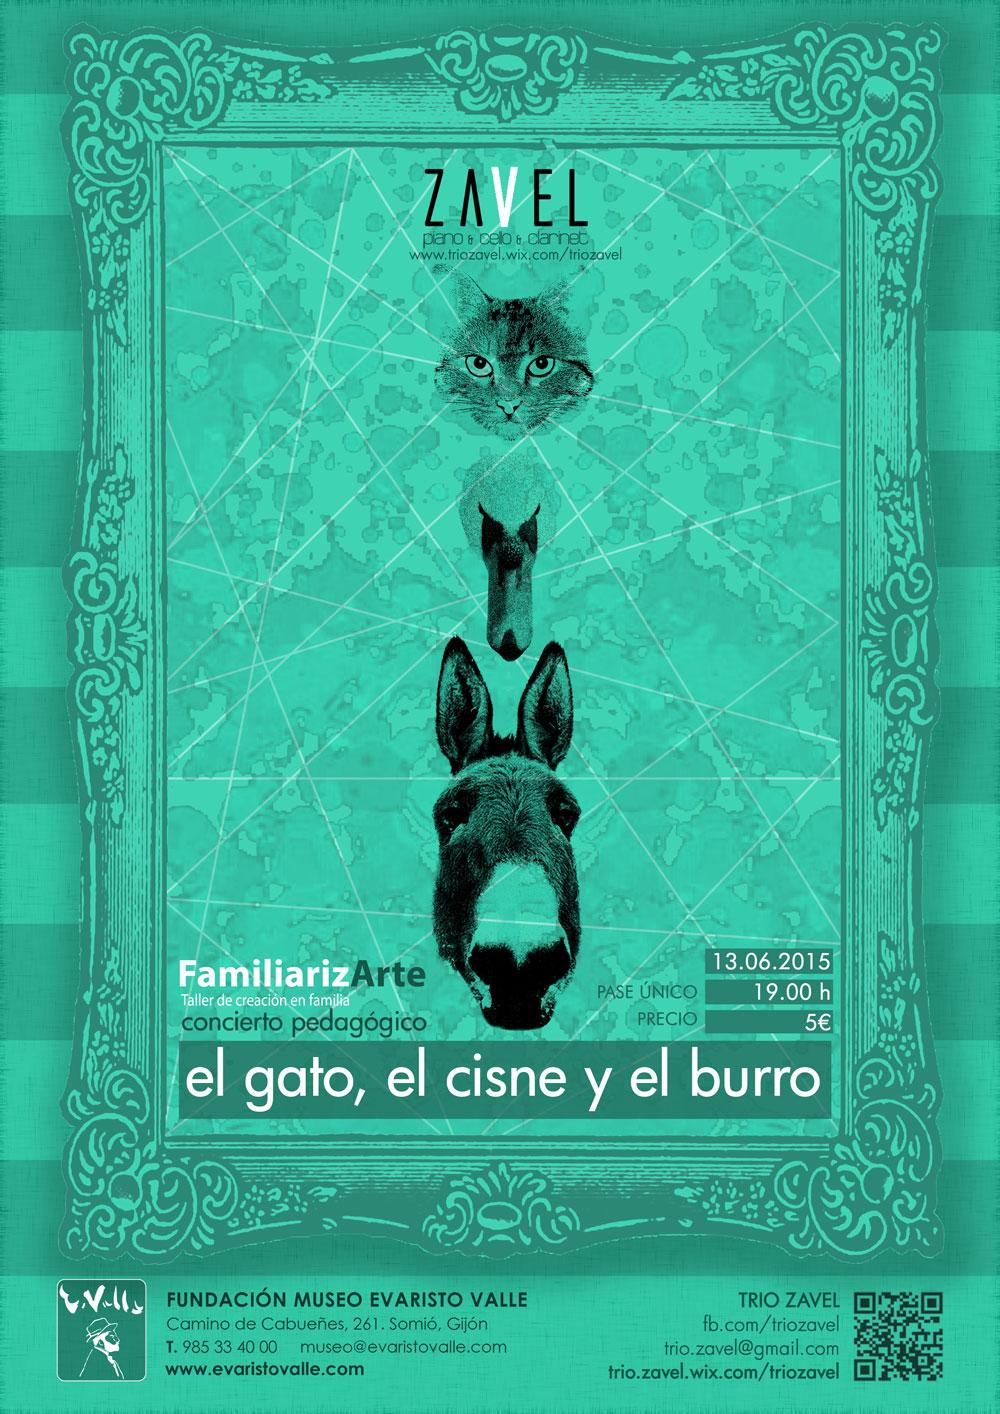 #Asturias con niños: El gato, el cisne y el burro: concierto familiar en Gijón el sábado